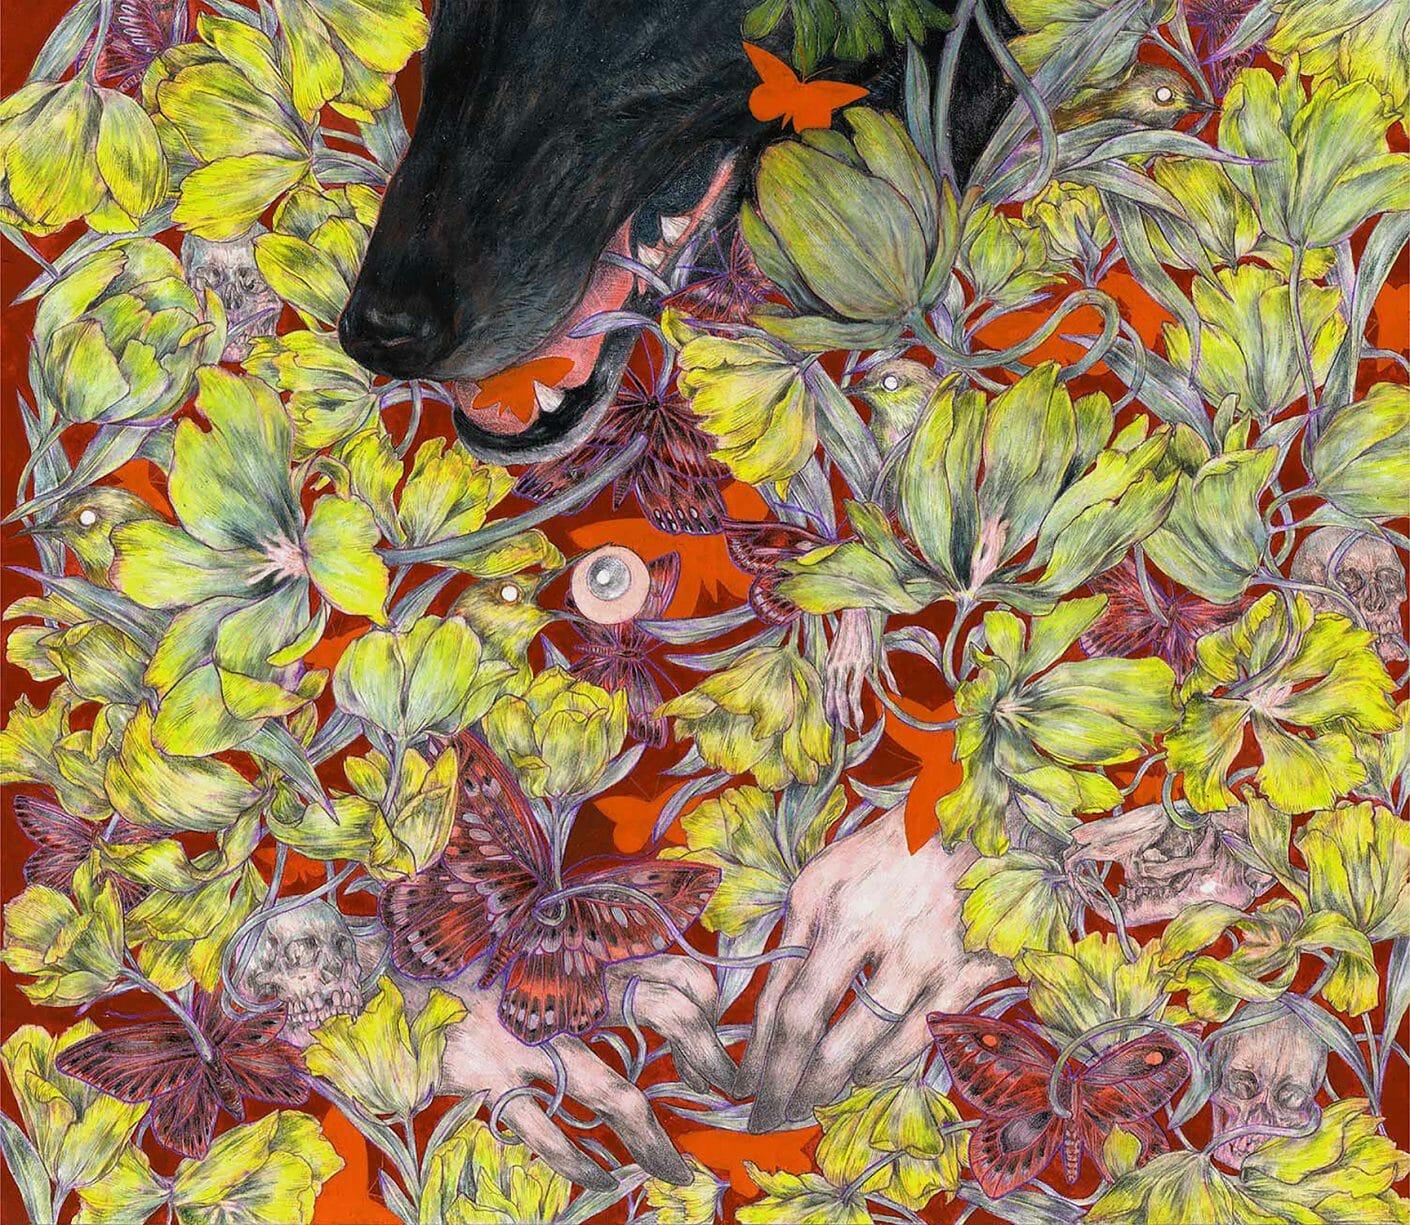 Au milieu de fleurs jaunes on devine des  mains humaines, des squelettes animaux et une tête de loup noir